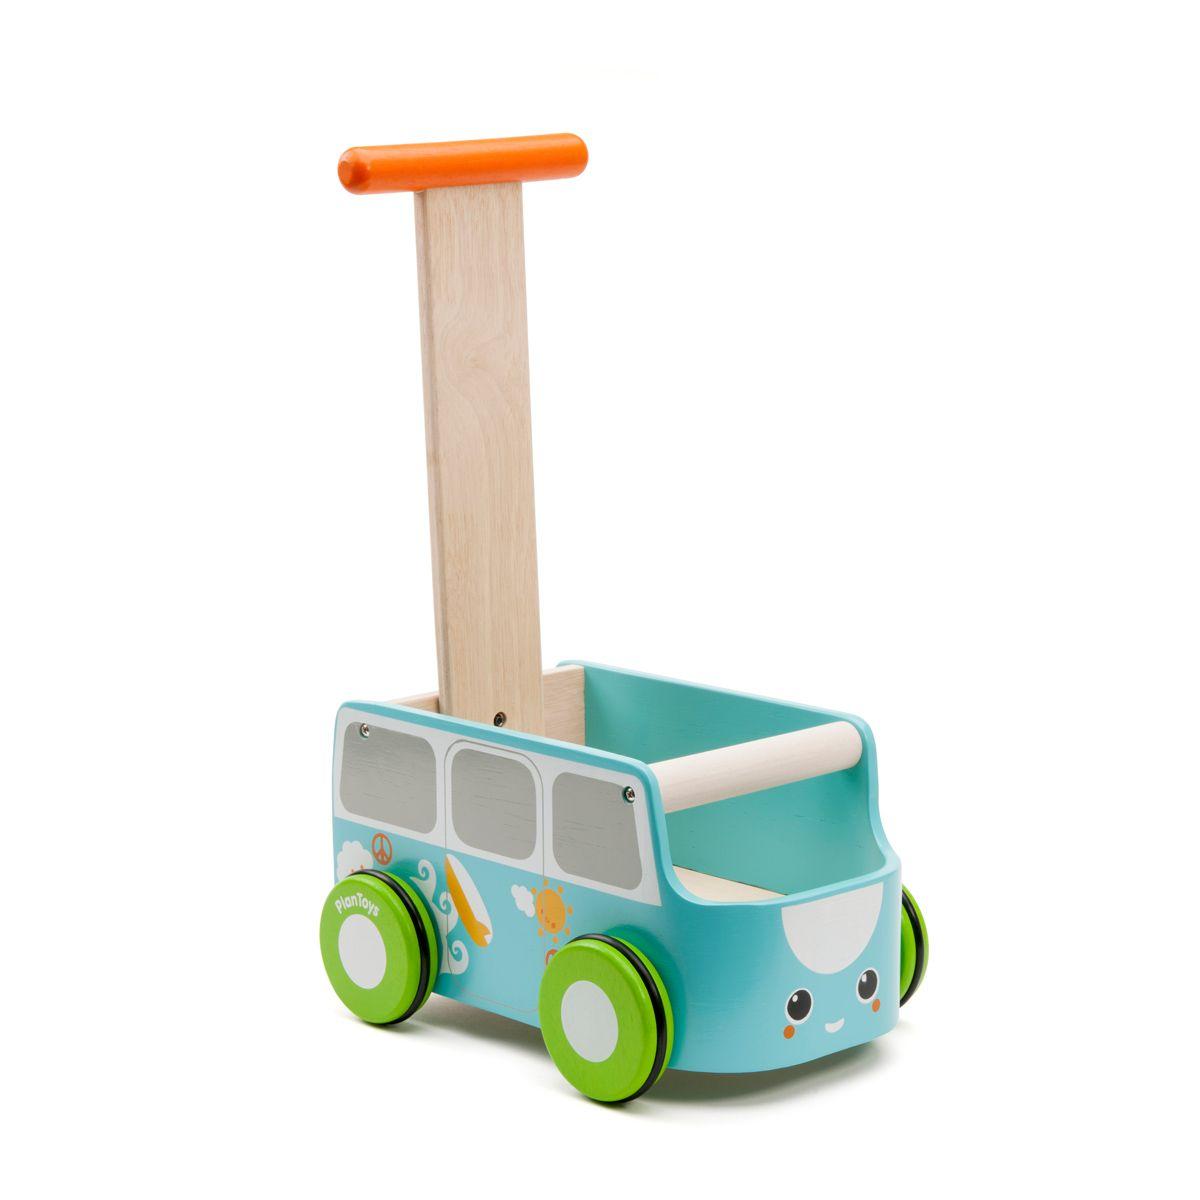 ce chariot est fabriqu avec du bois de bonne qualit il. Black Bedroom Furniture Sets. Home Design Ideas